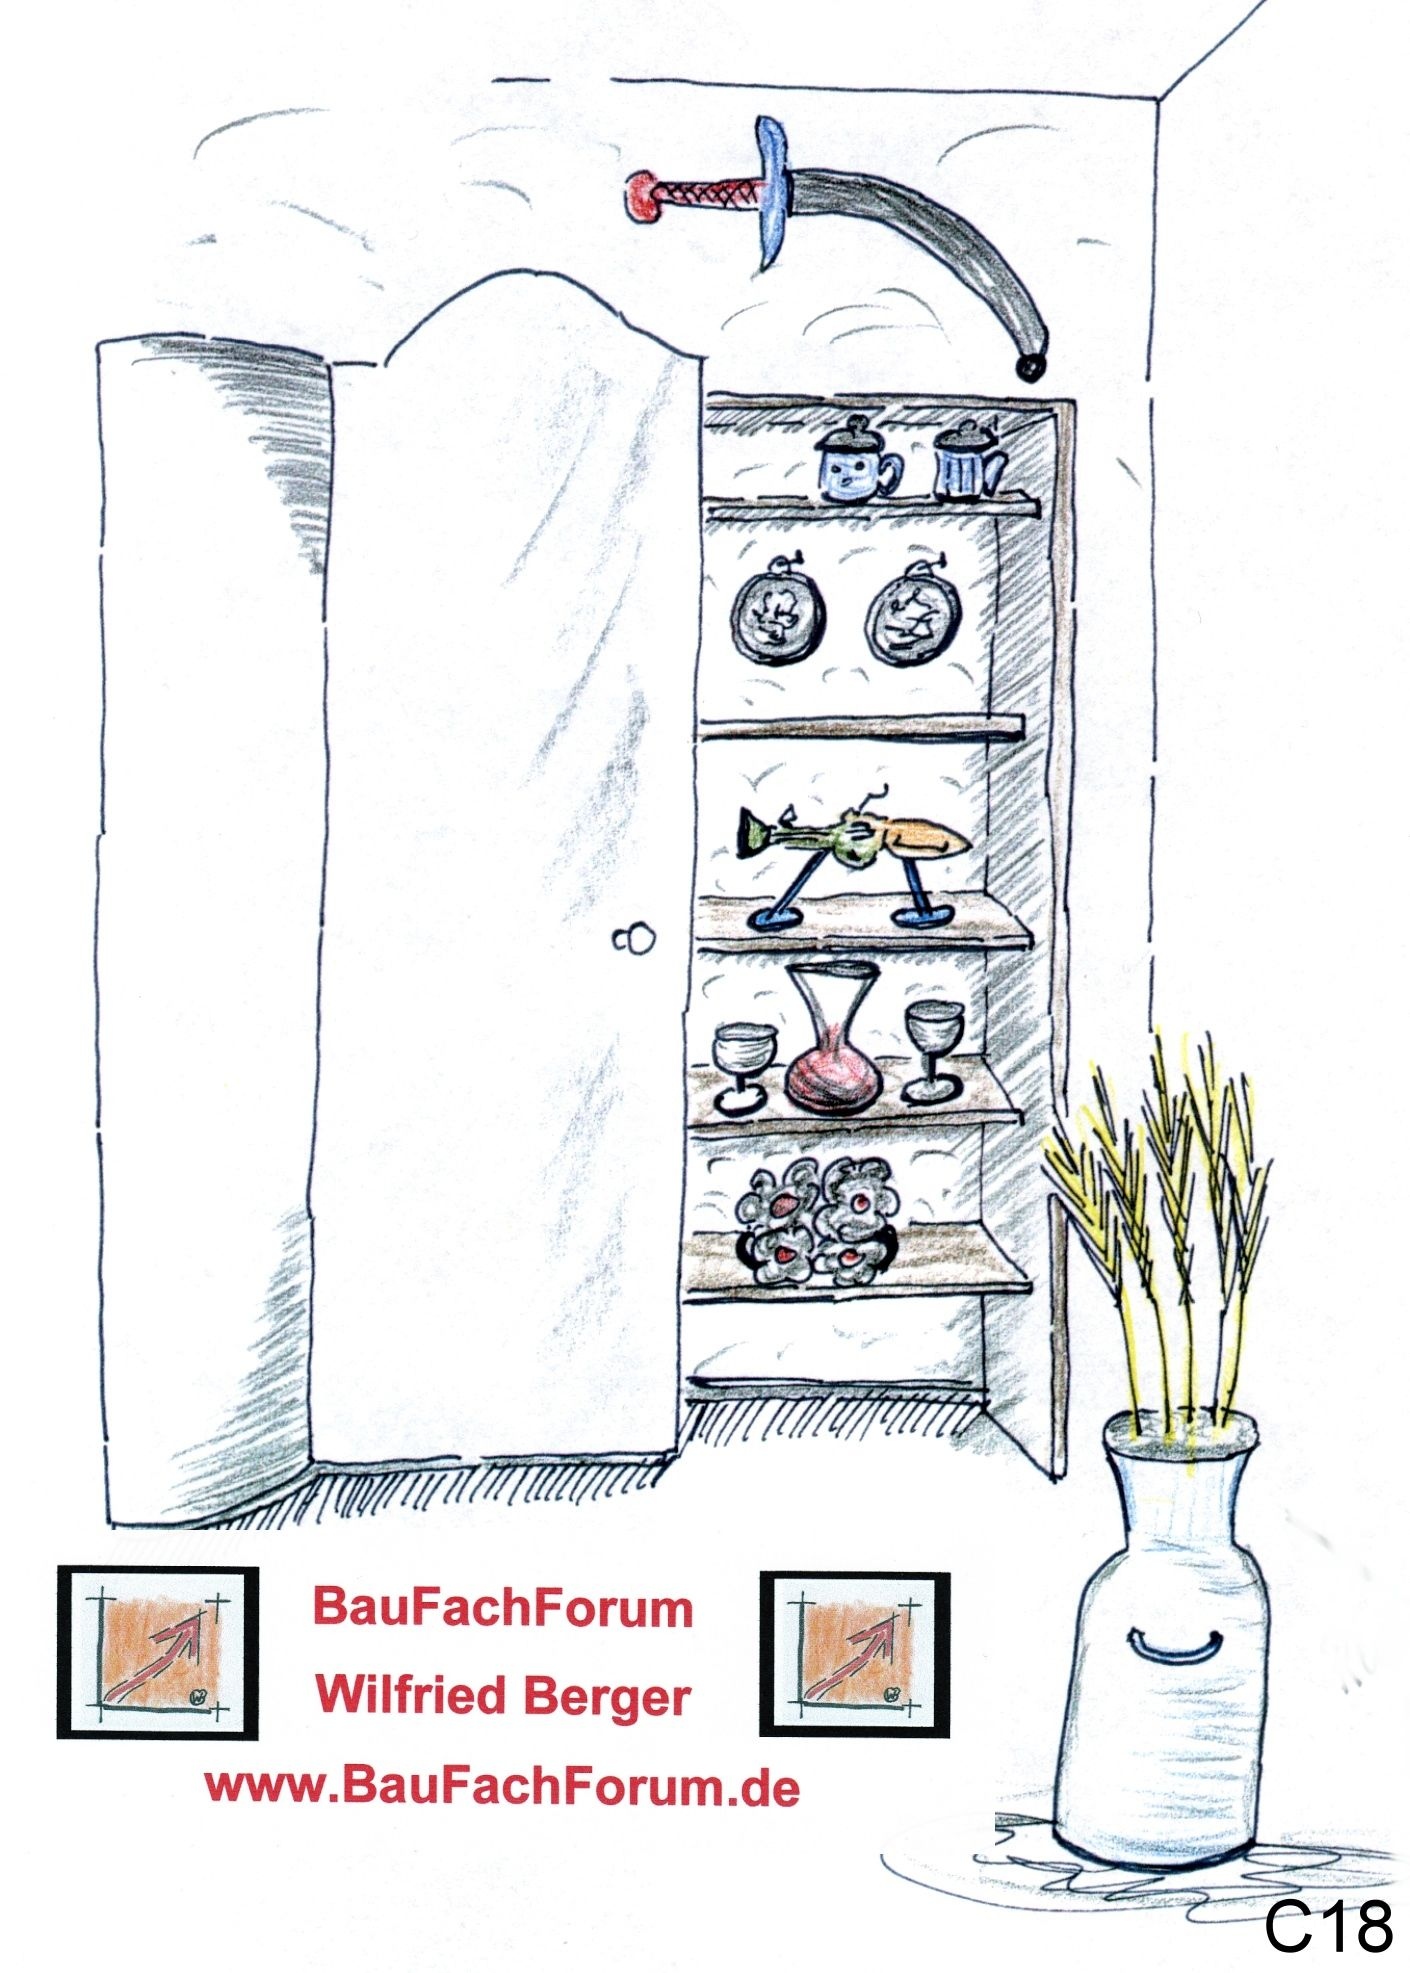 Schreiner Karlsruhe karlsruhe schreiner suchen suche finden baufachforum baulexikon